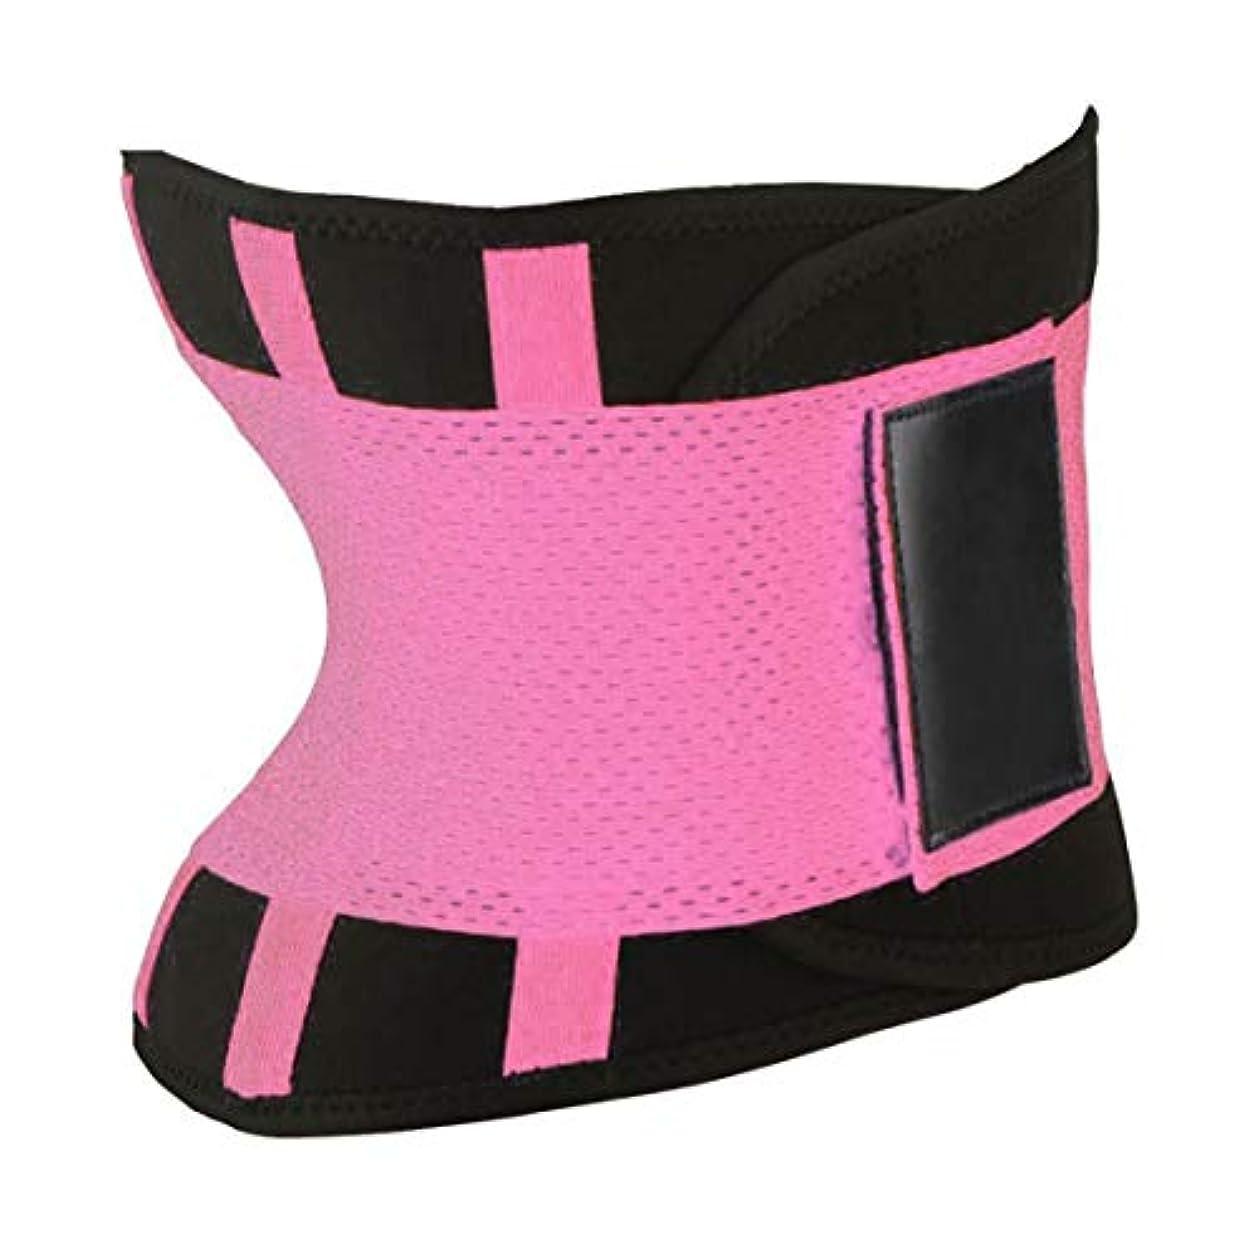 プールご意見受益者快適な女性ボディシェイパー痩身シェイパーベルトスポーツ女性ウエストトレーナーニッパー制御バーニングボディおなかベルト - ピンク2xl